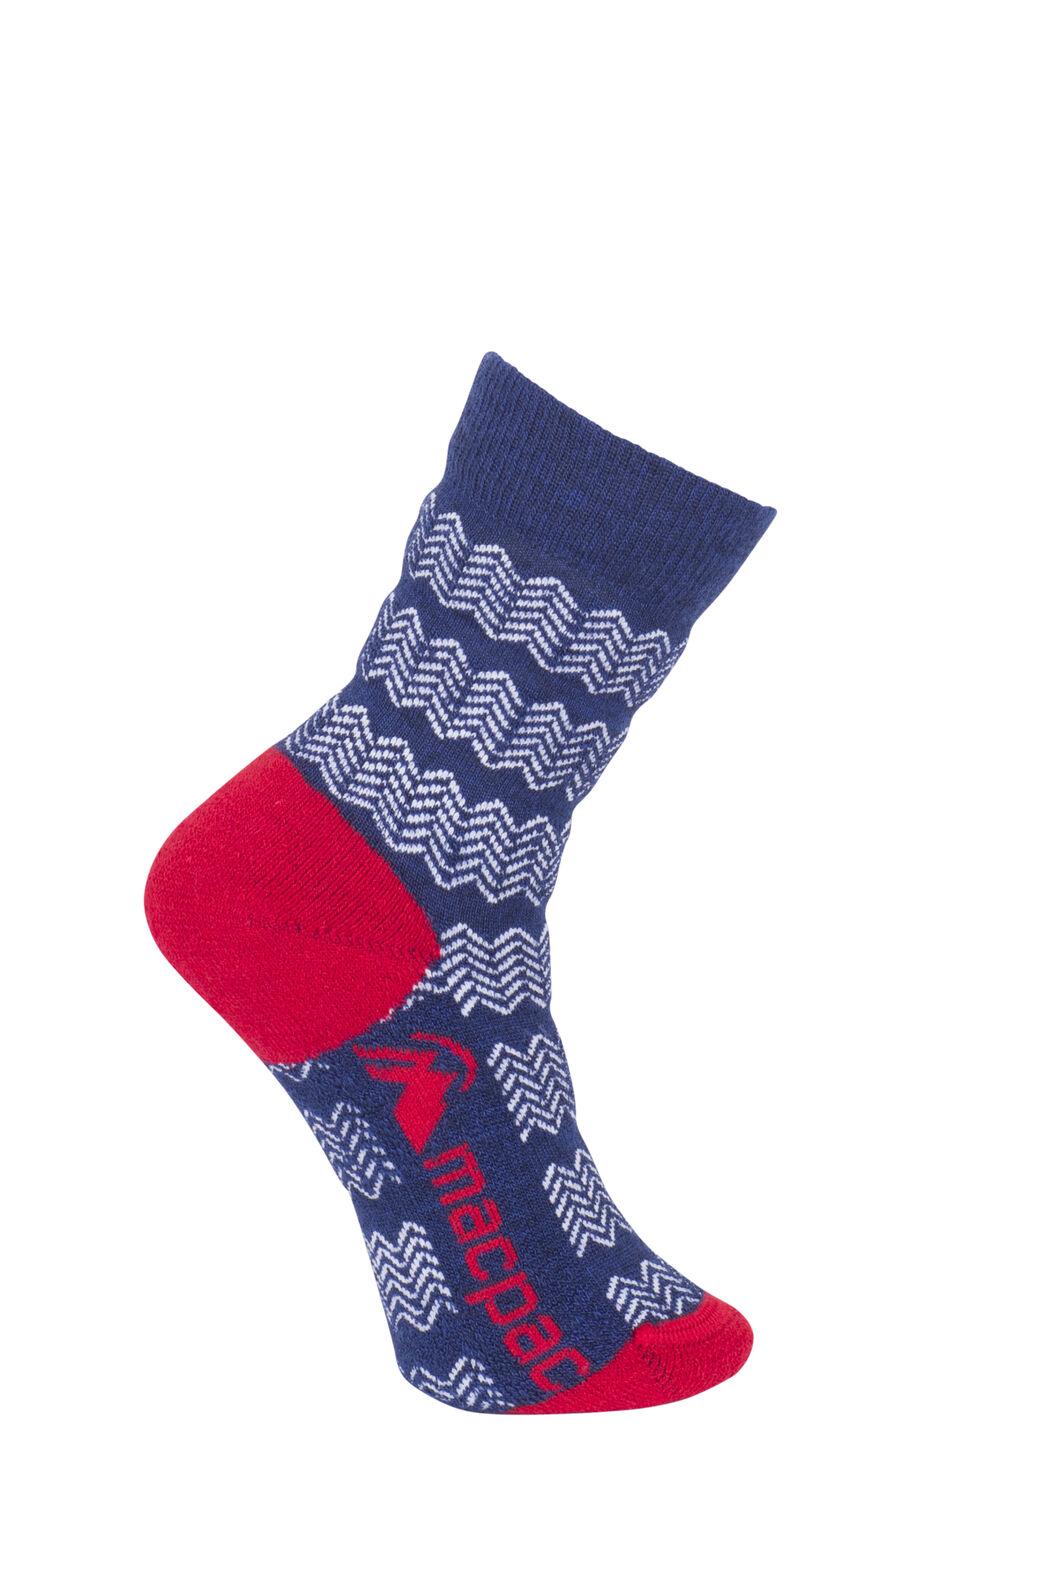 Macpac Footprint Socks Kids', Medieval/White, hi-res